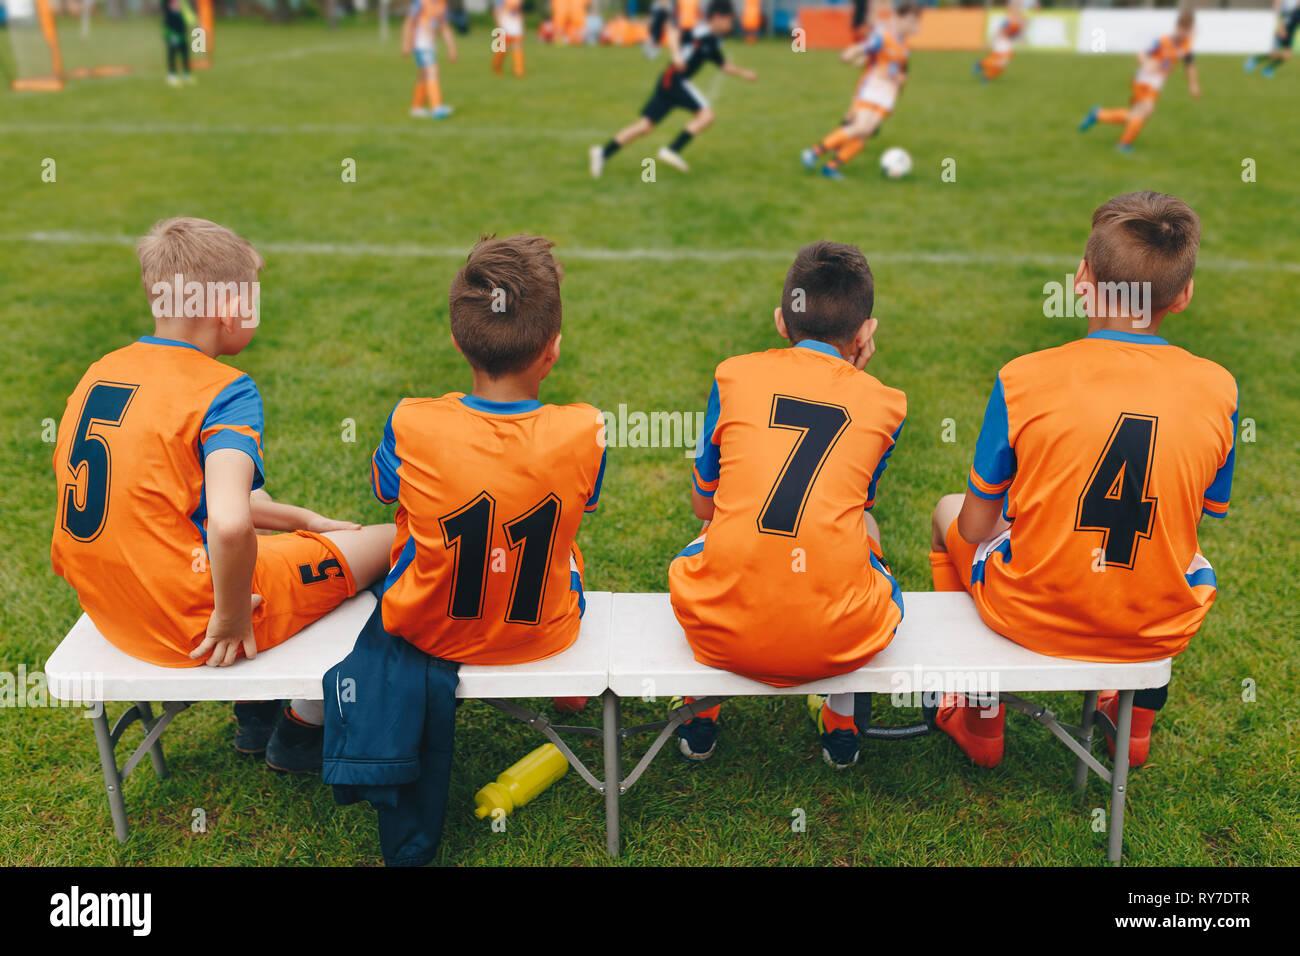 d82bc07b3399c Los chicos del equipo de fútbol sentado en un banco. Los jugadores del  equipo de